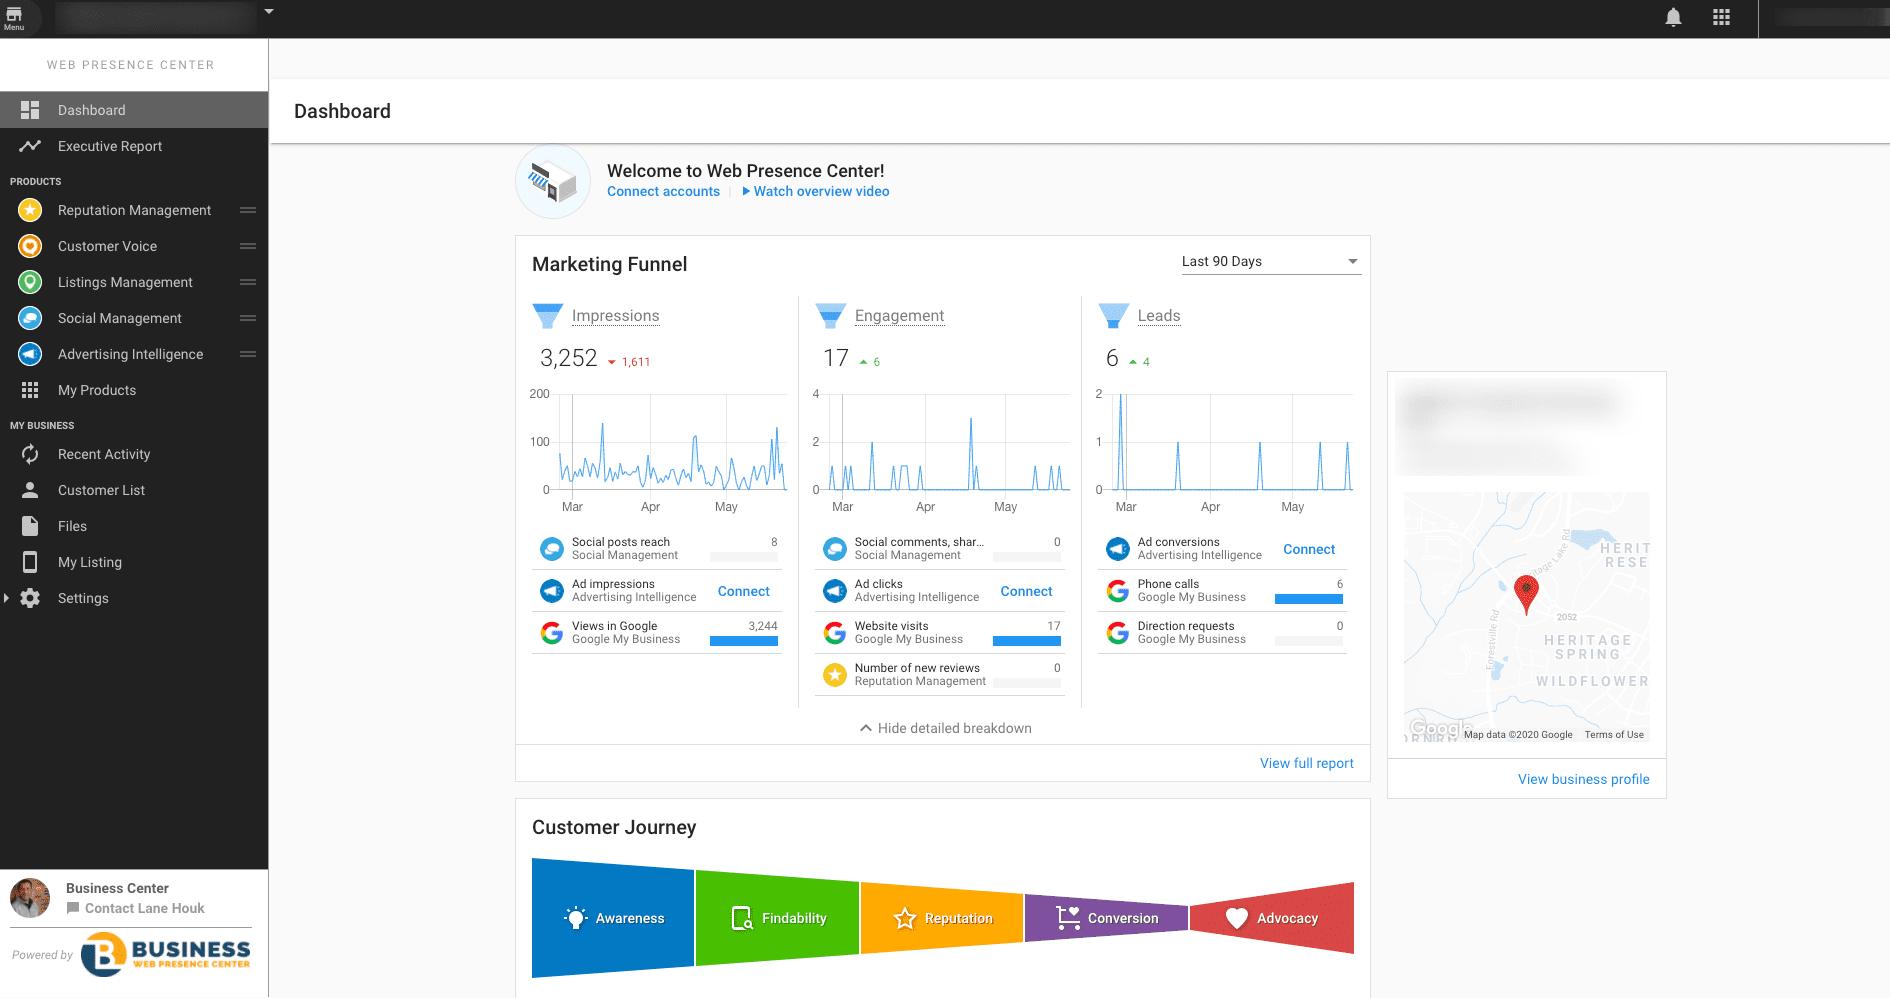 Web Presence Center Dashboard